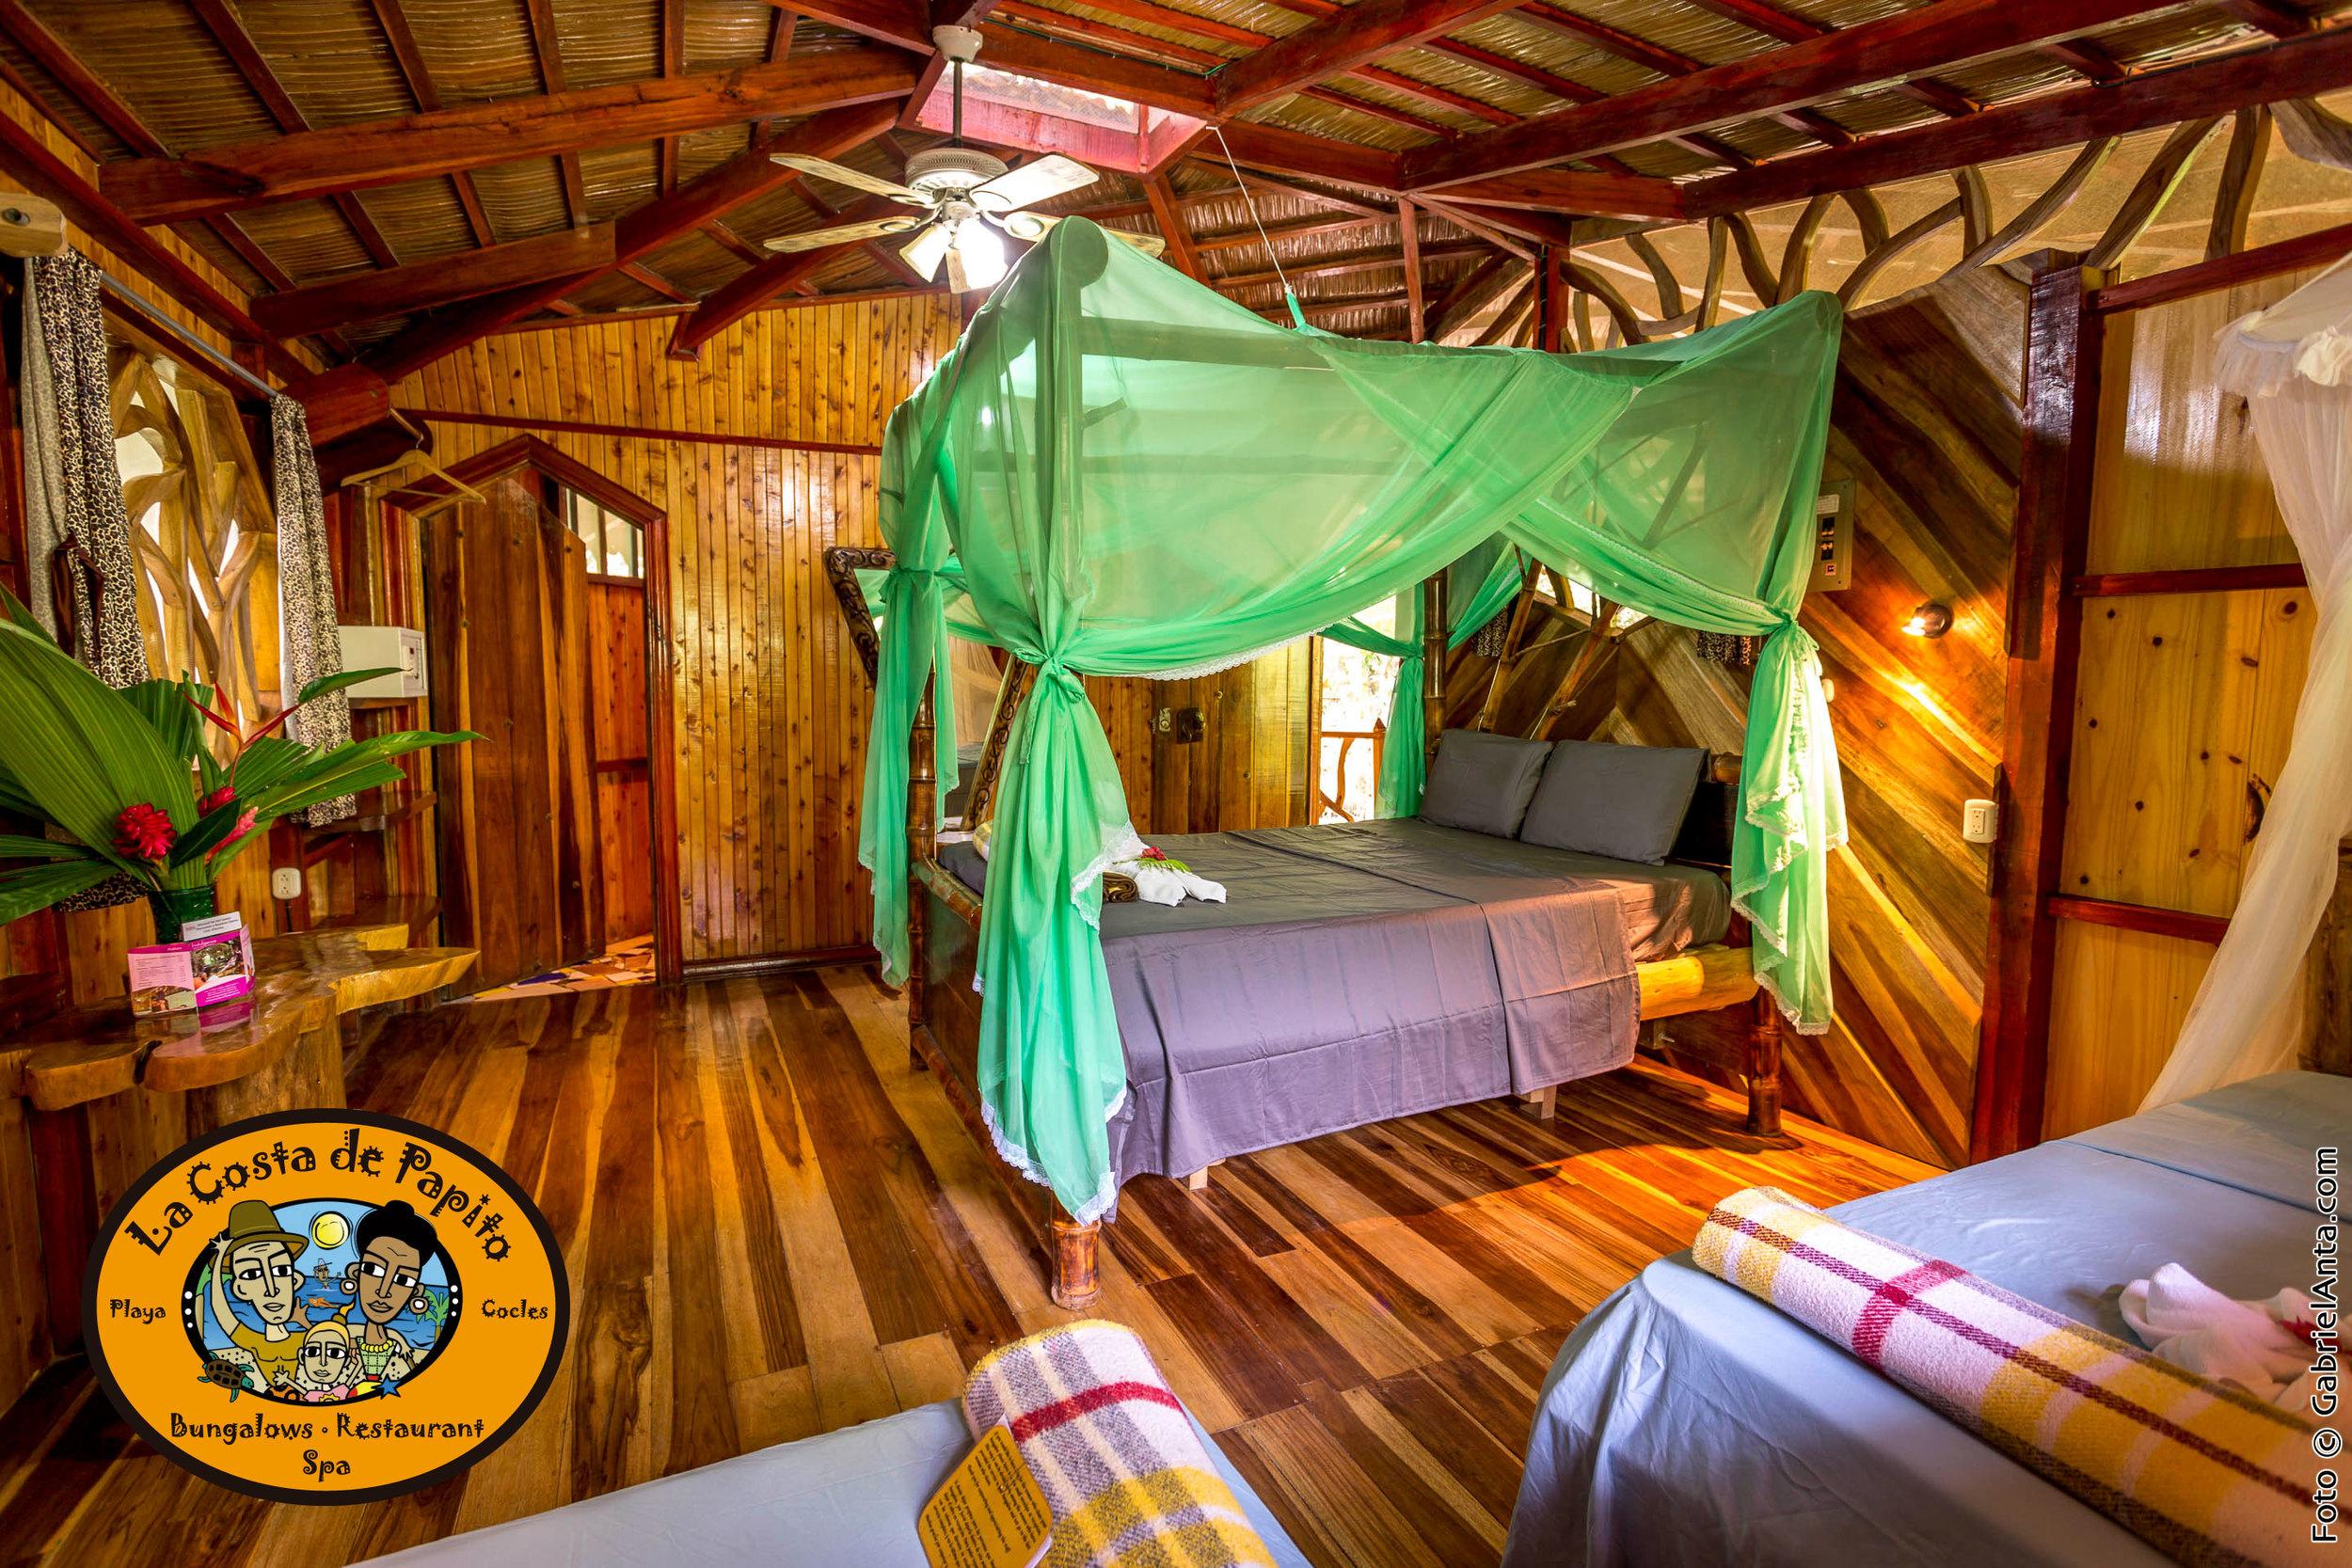 costa-de-papito-room3.jpg